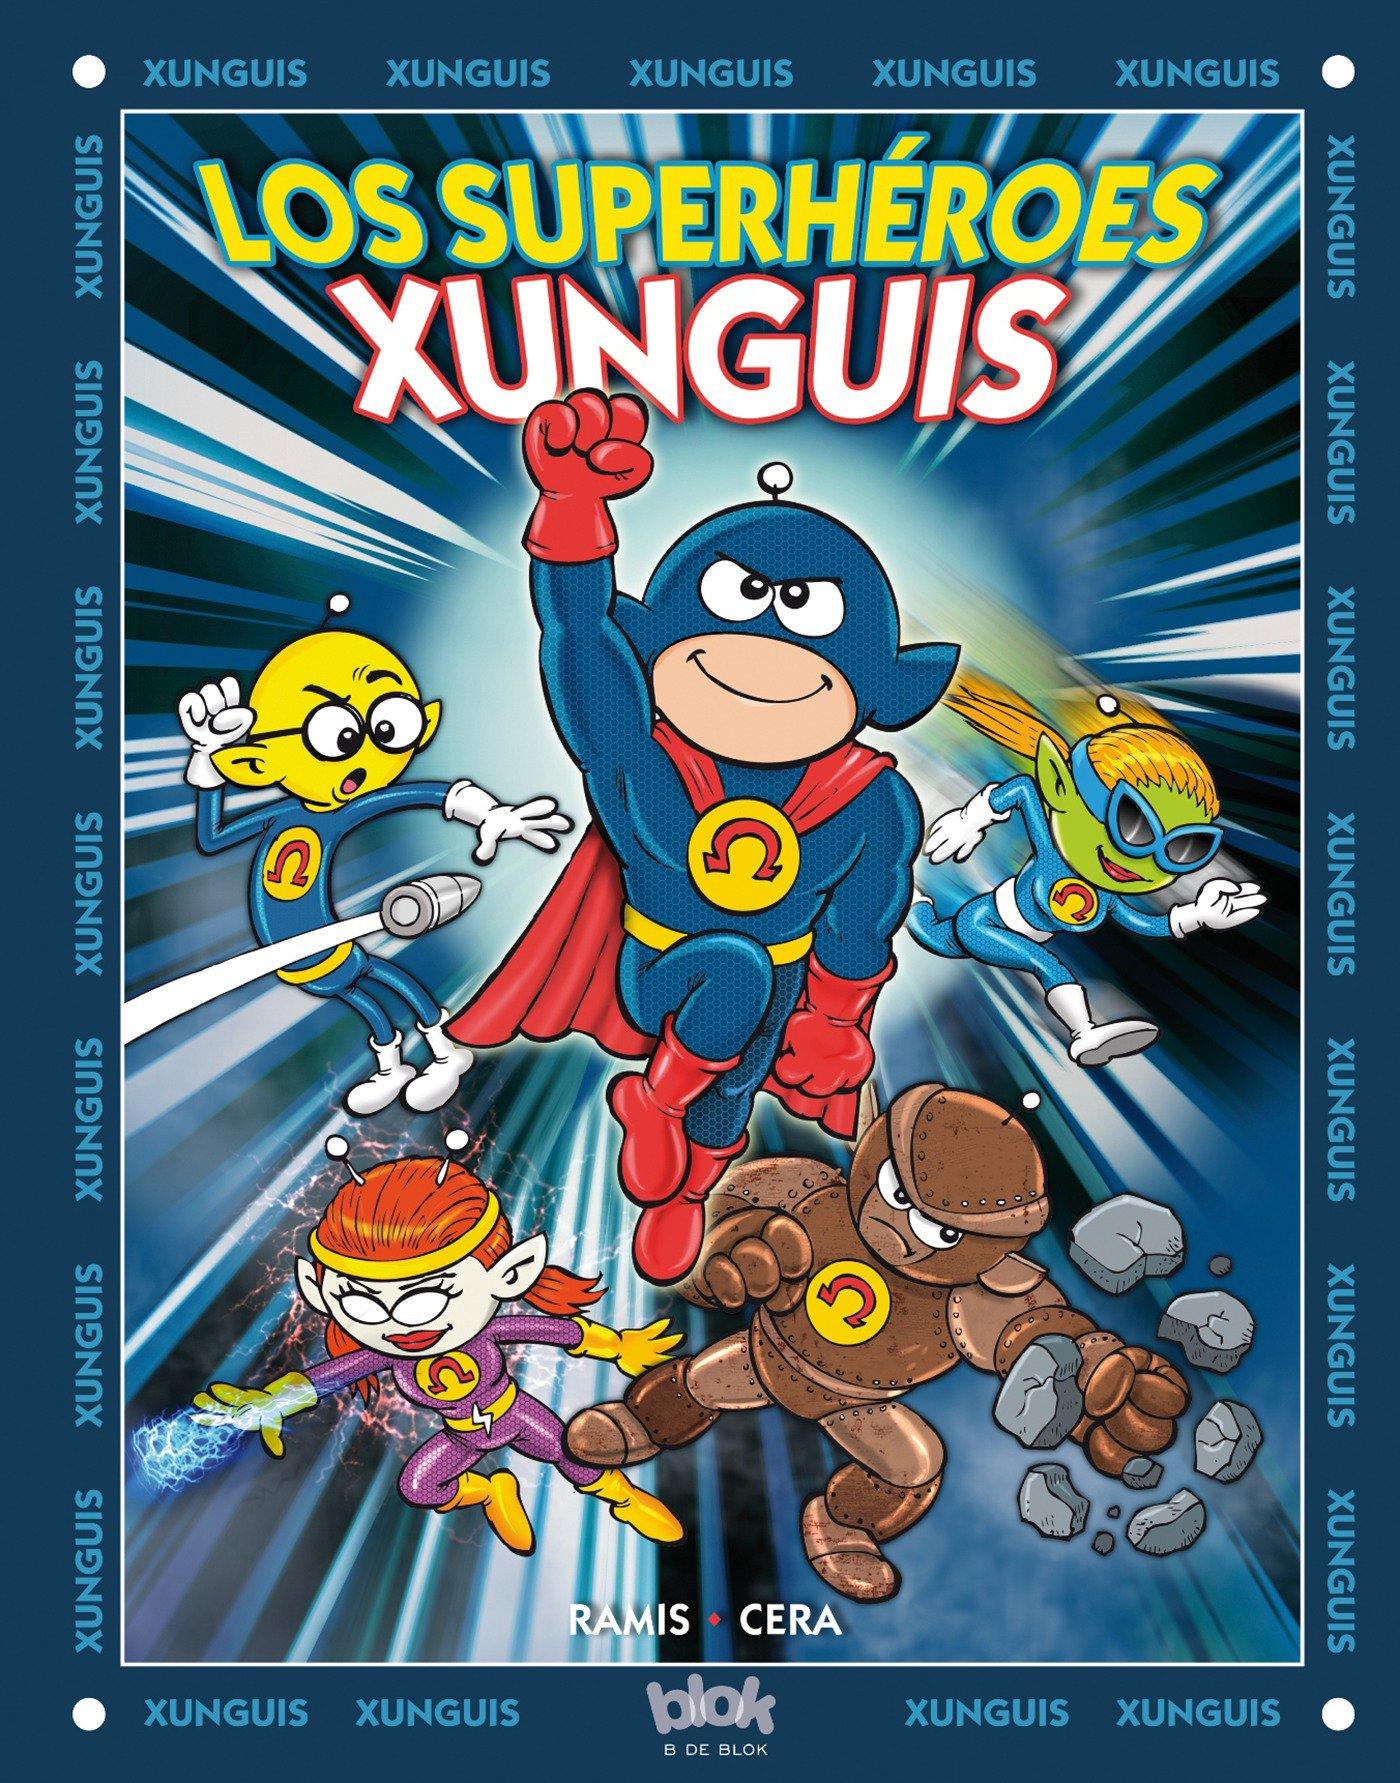 Los superhéroes Xunguis (Colección Los Xunguis) (En busca de...) Tapa dura – 5 oct 2016 Joaquín Cera Juan Carlos Ramis B de Blok (Ediciones B) 8416075905